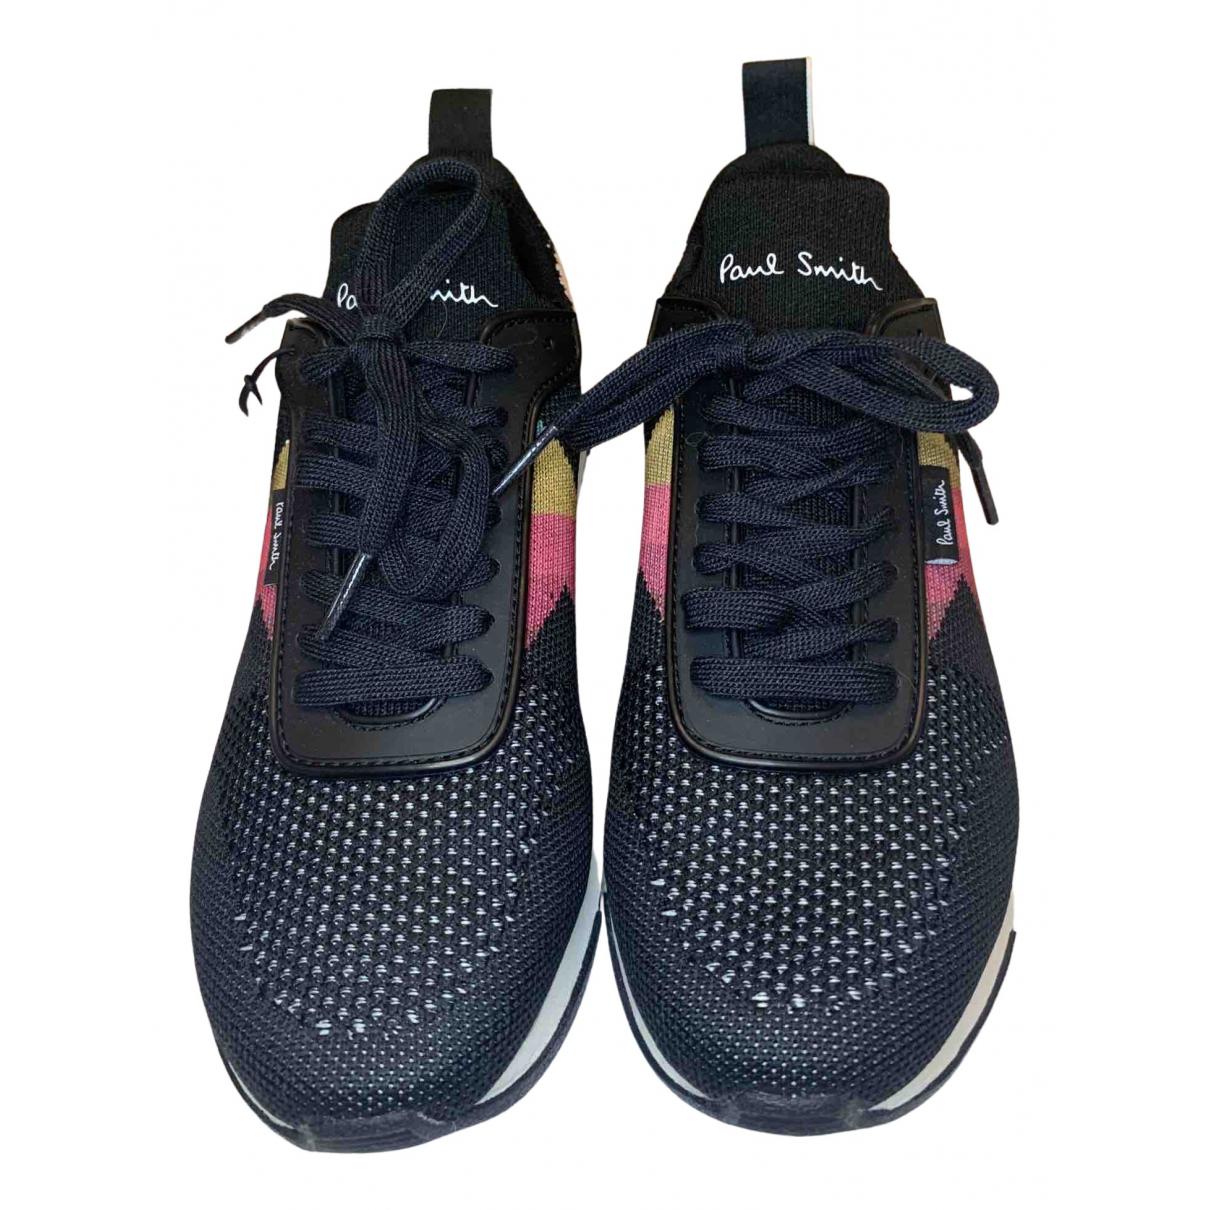 Paul Smith \N Sneakers in  Schwarz Leinen